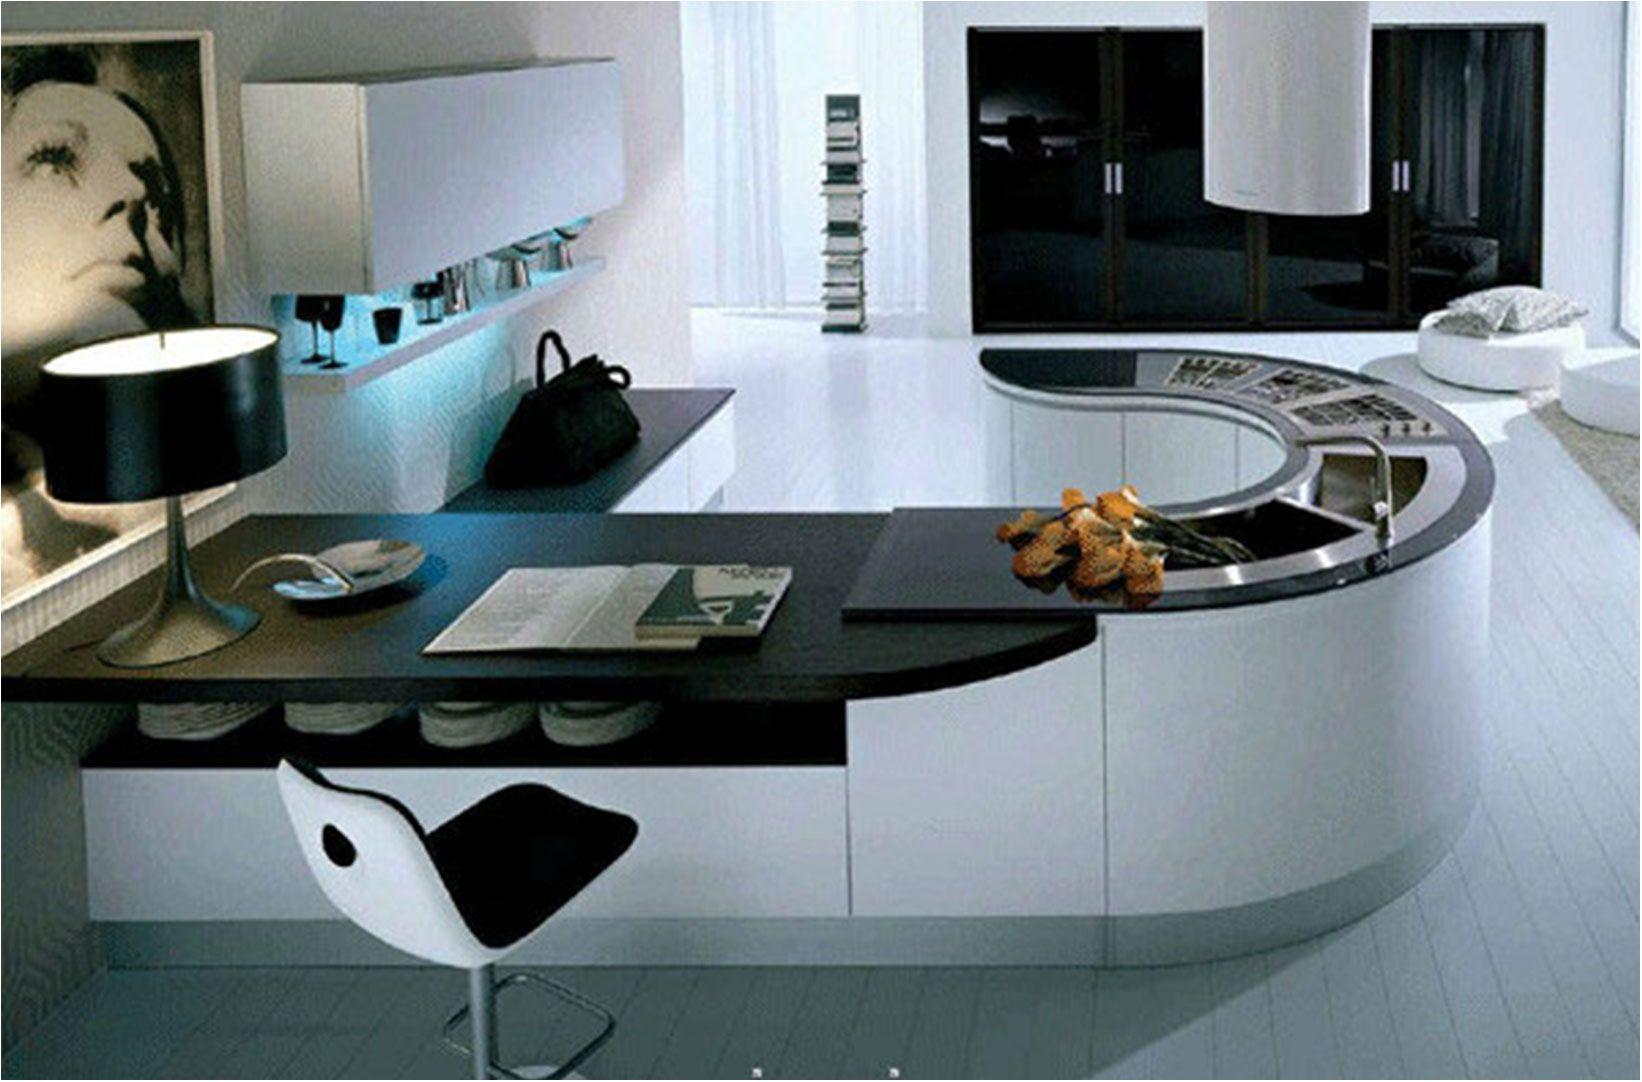 Impressing Best Kitchen Designs Of Contemporary In Pakistan Design Acnn Decor